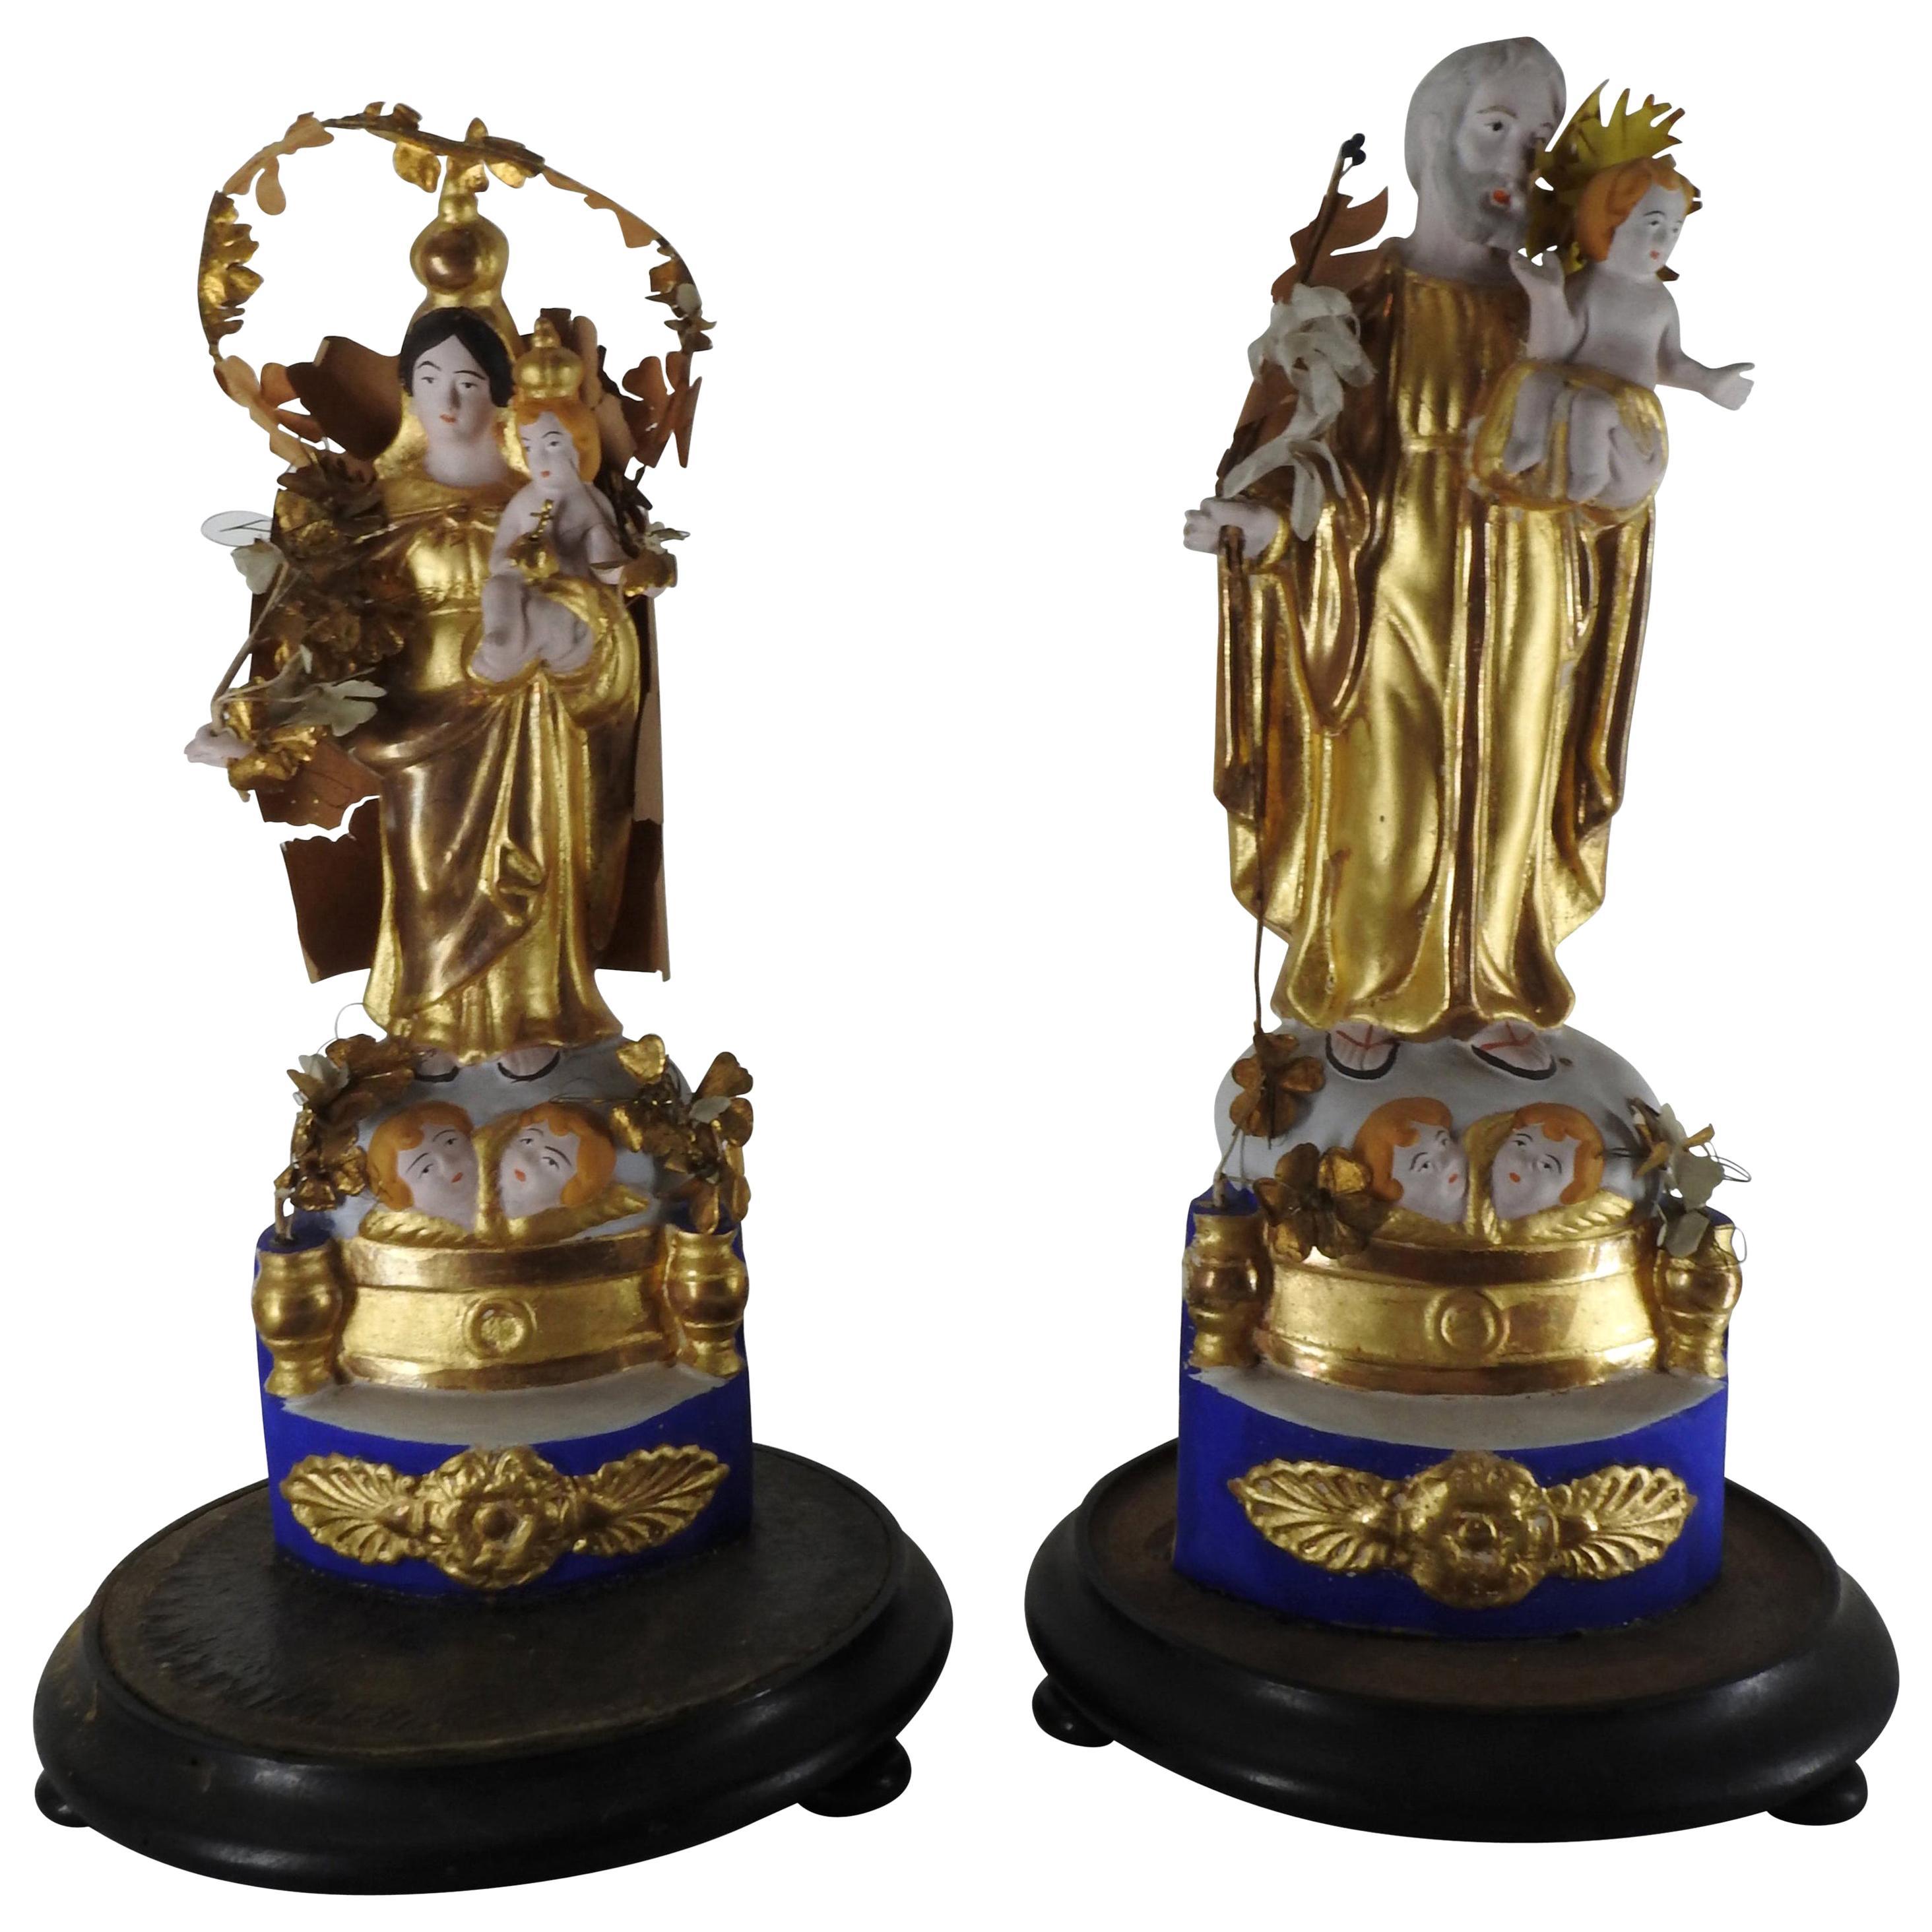 Italian Gilded Religious Sculptures